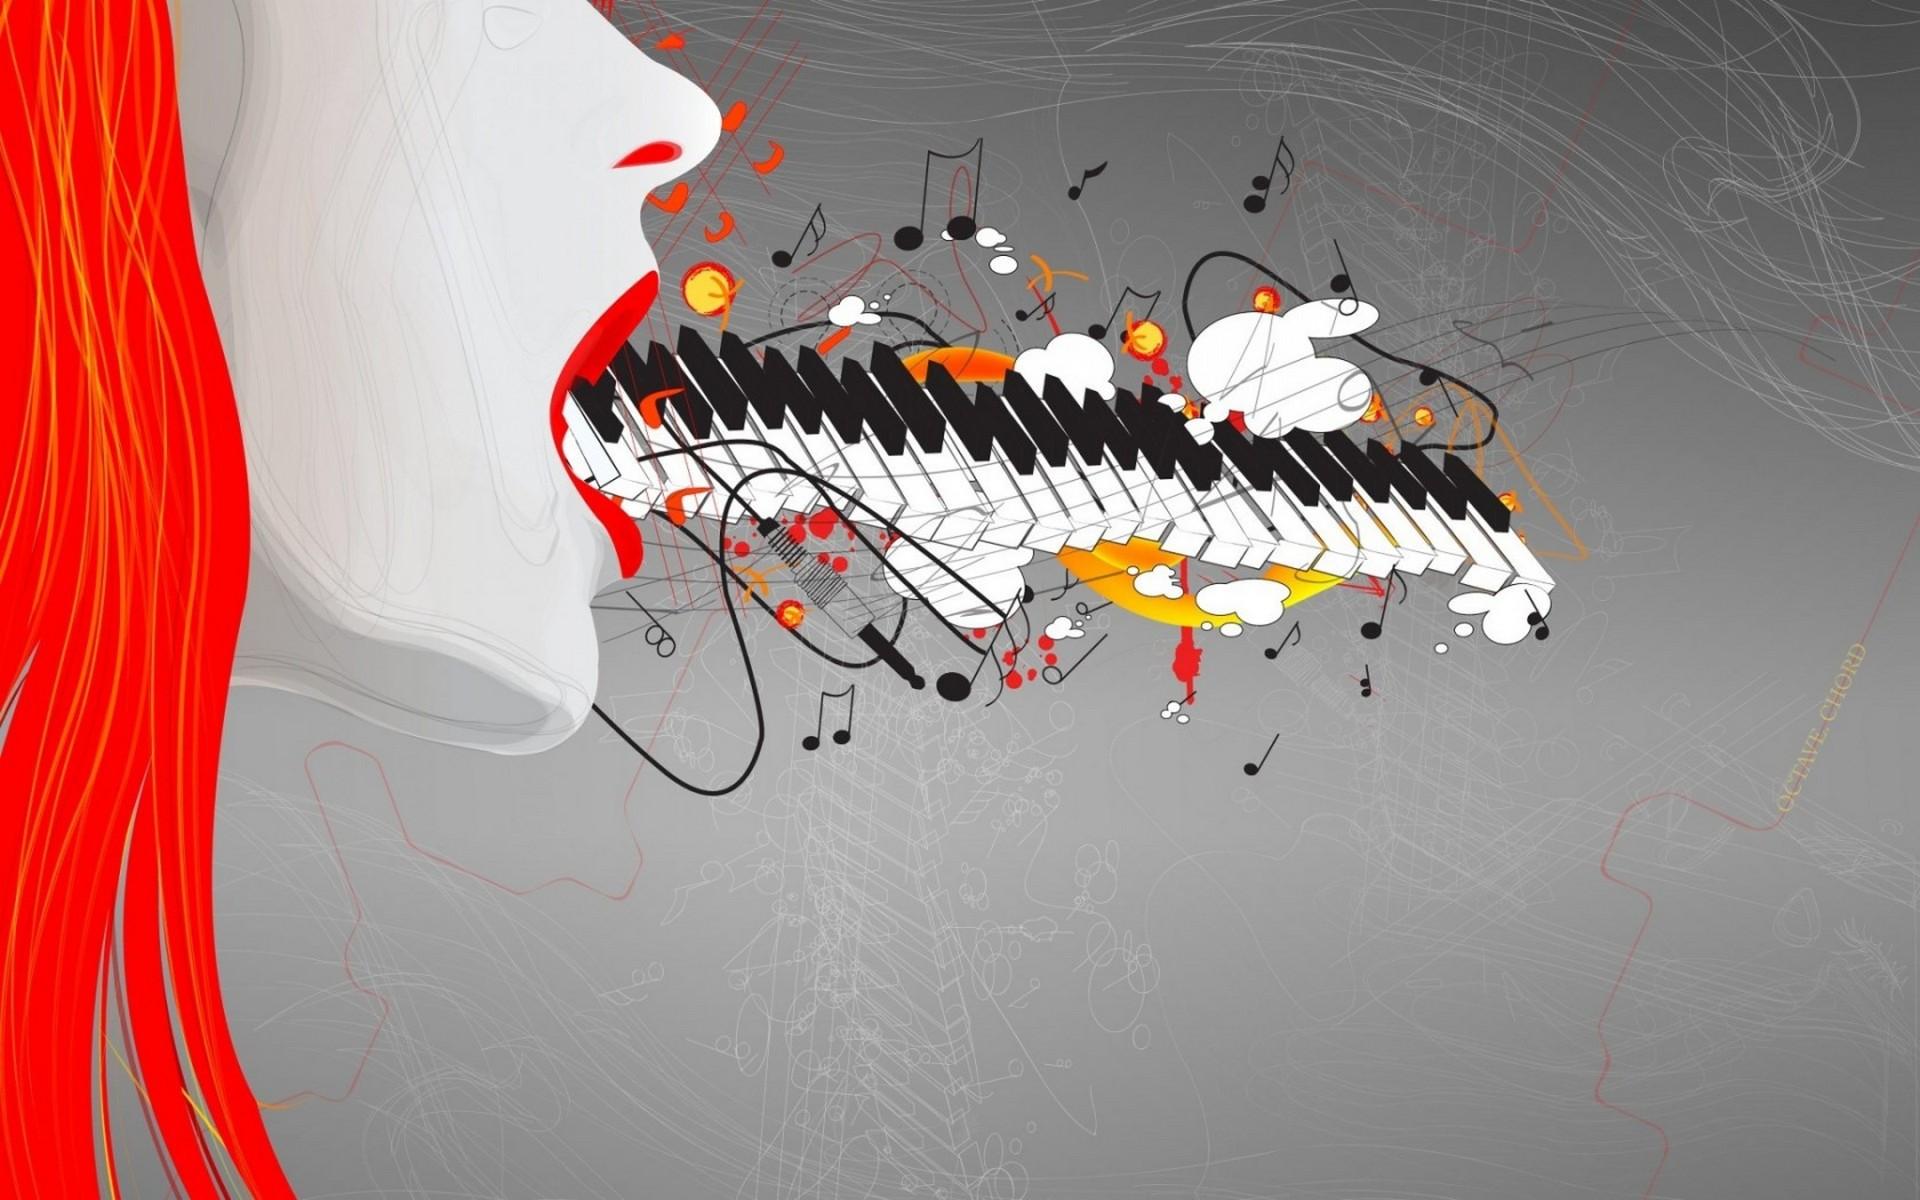 Teclado y música abstracto - 1920x1200